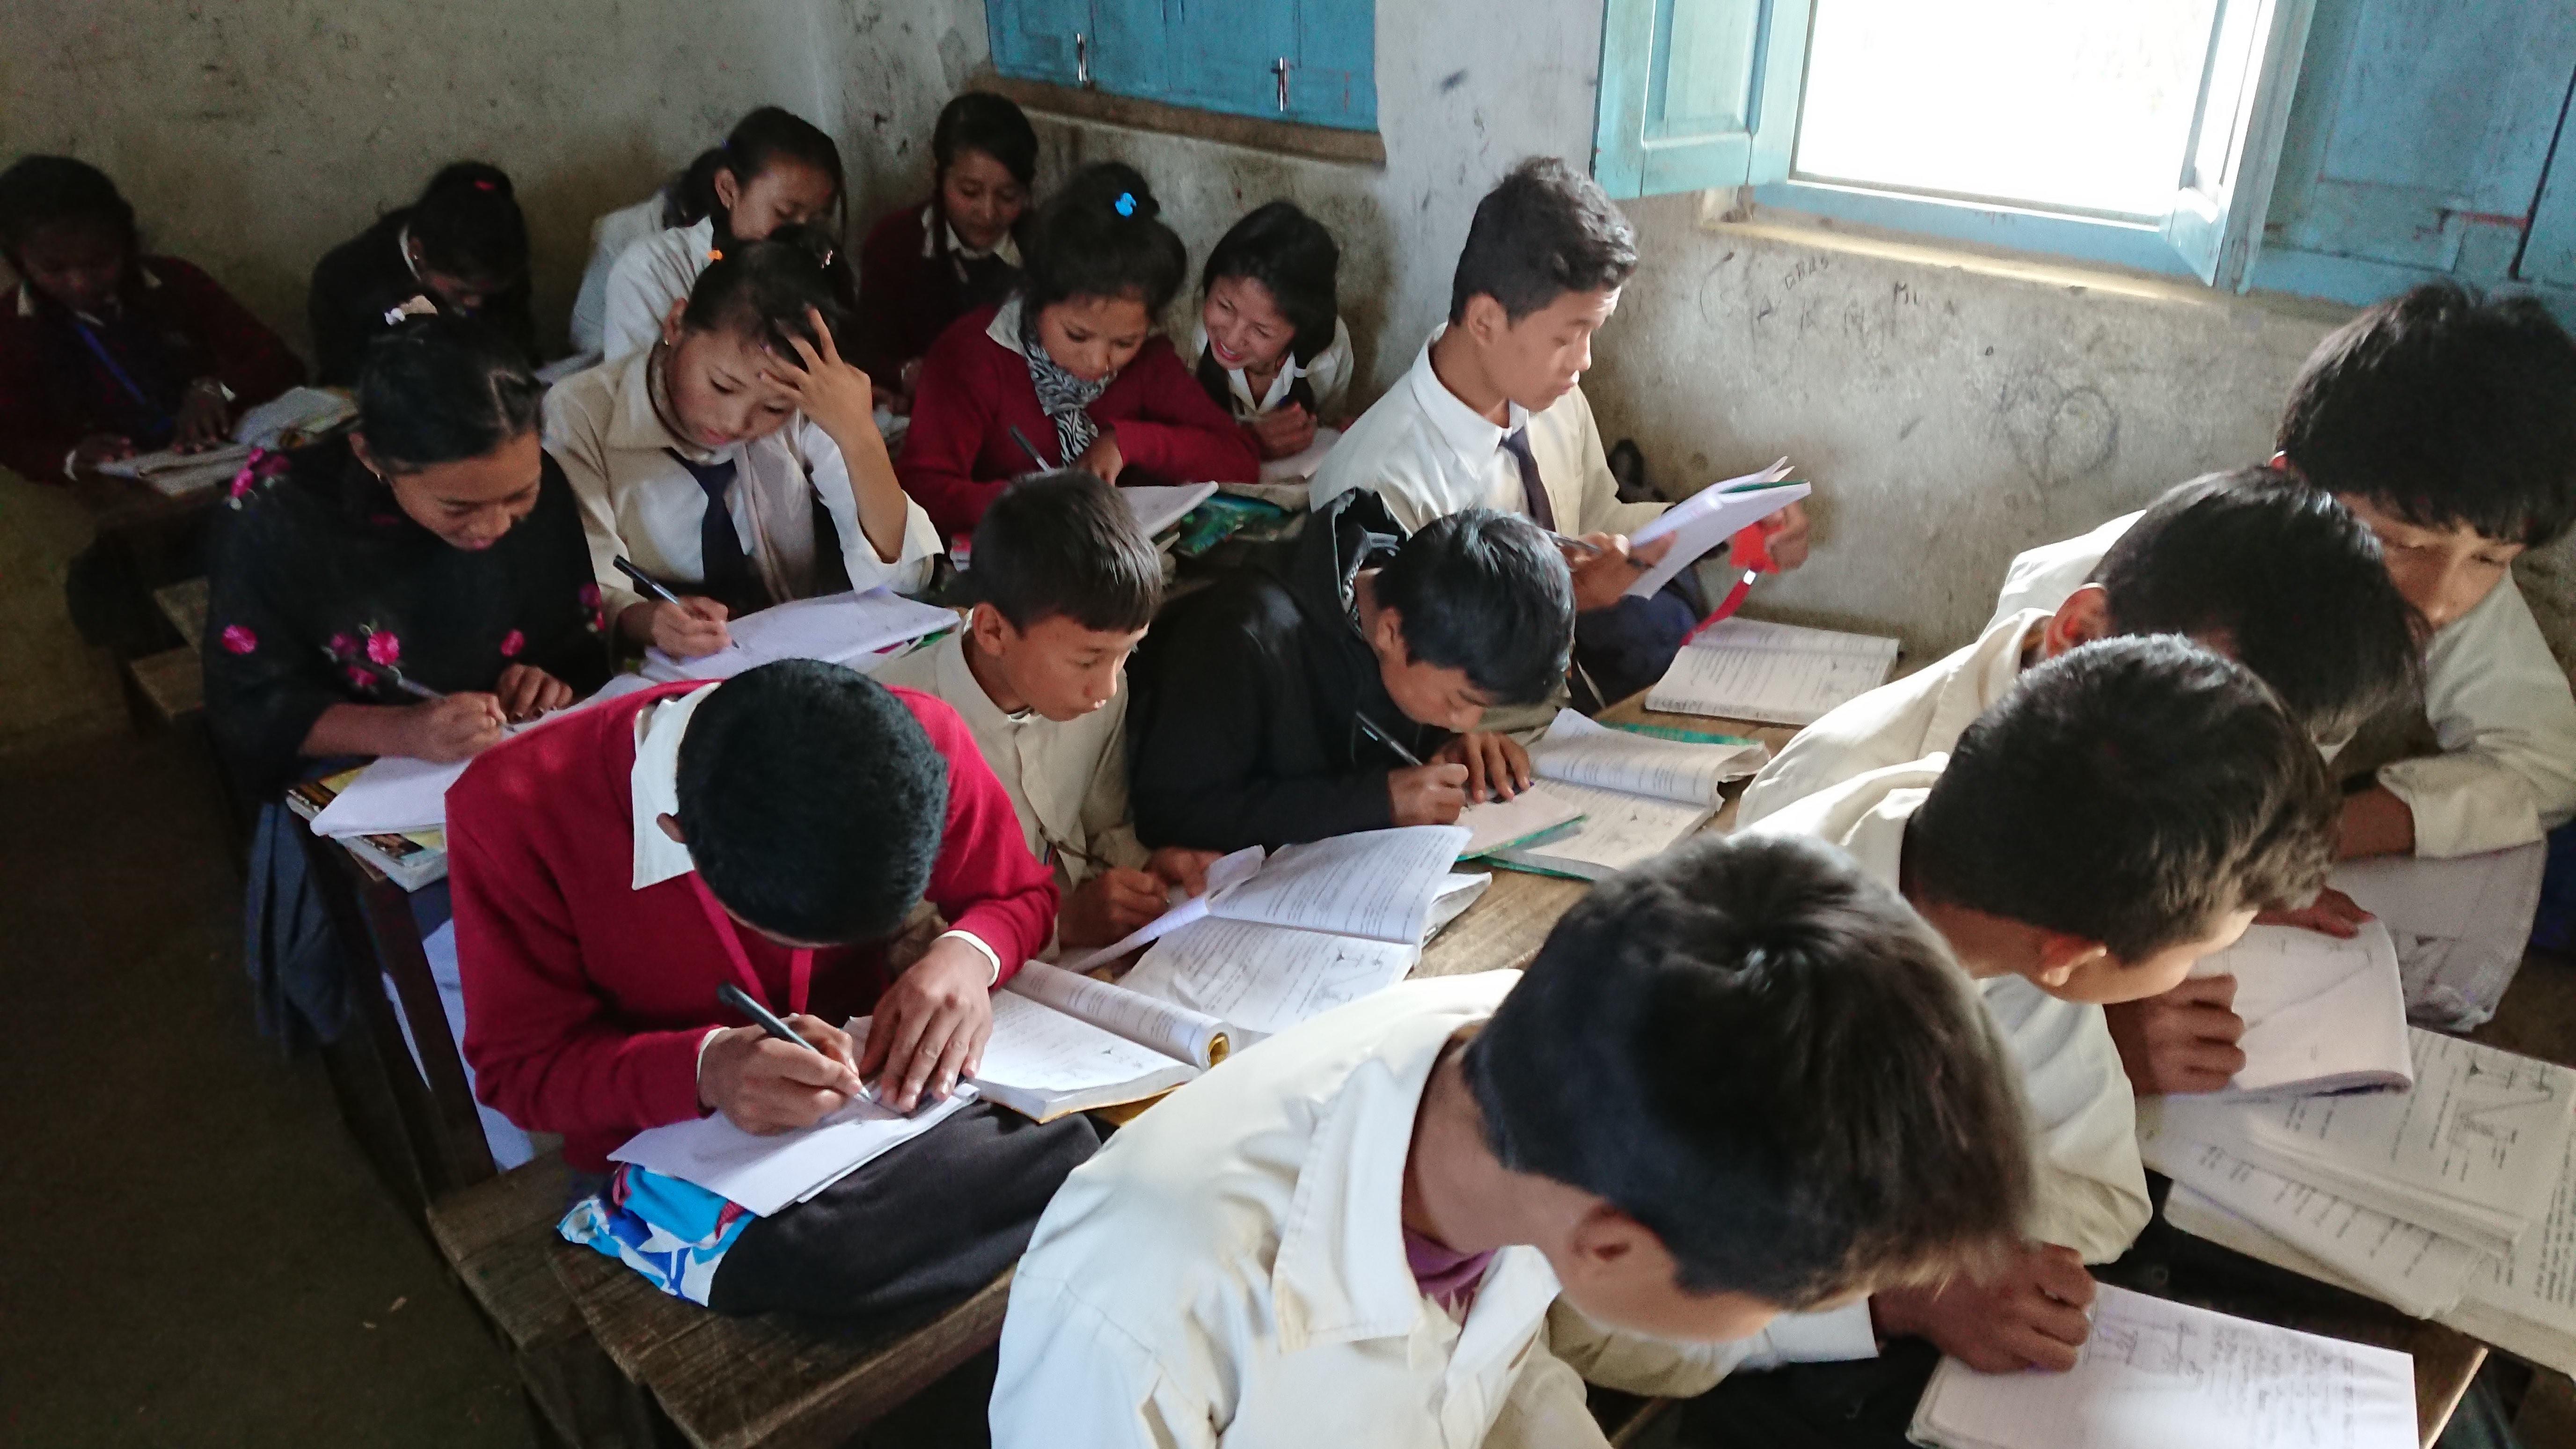 村の学校では教室に先生がこないことも